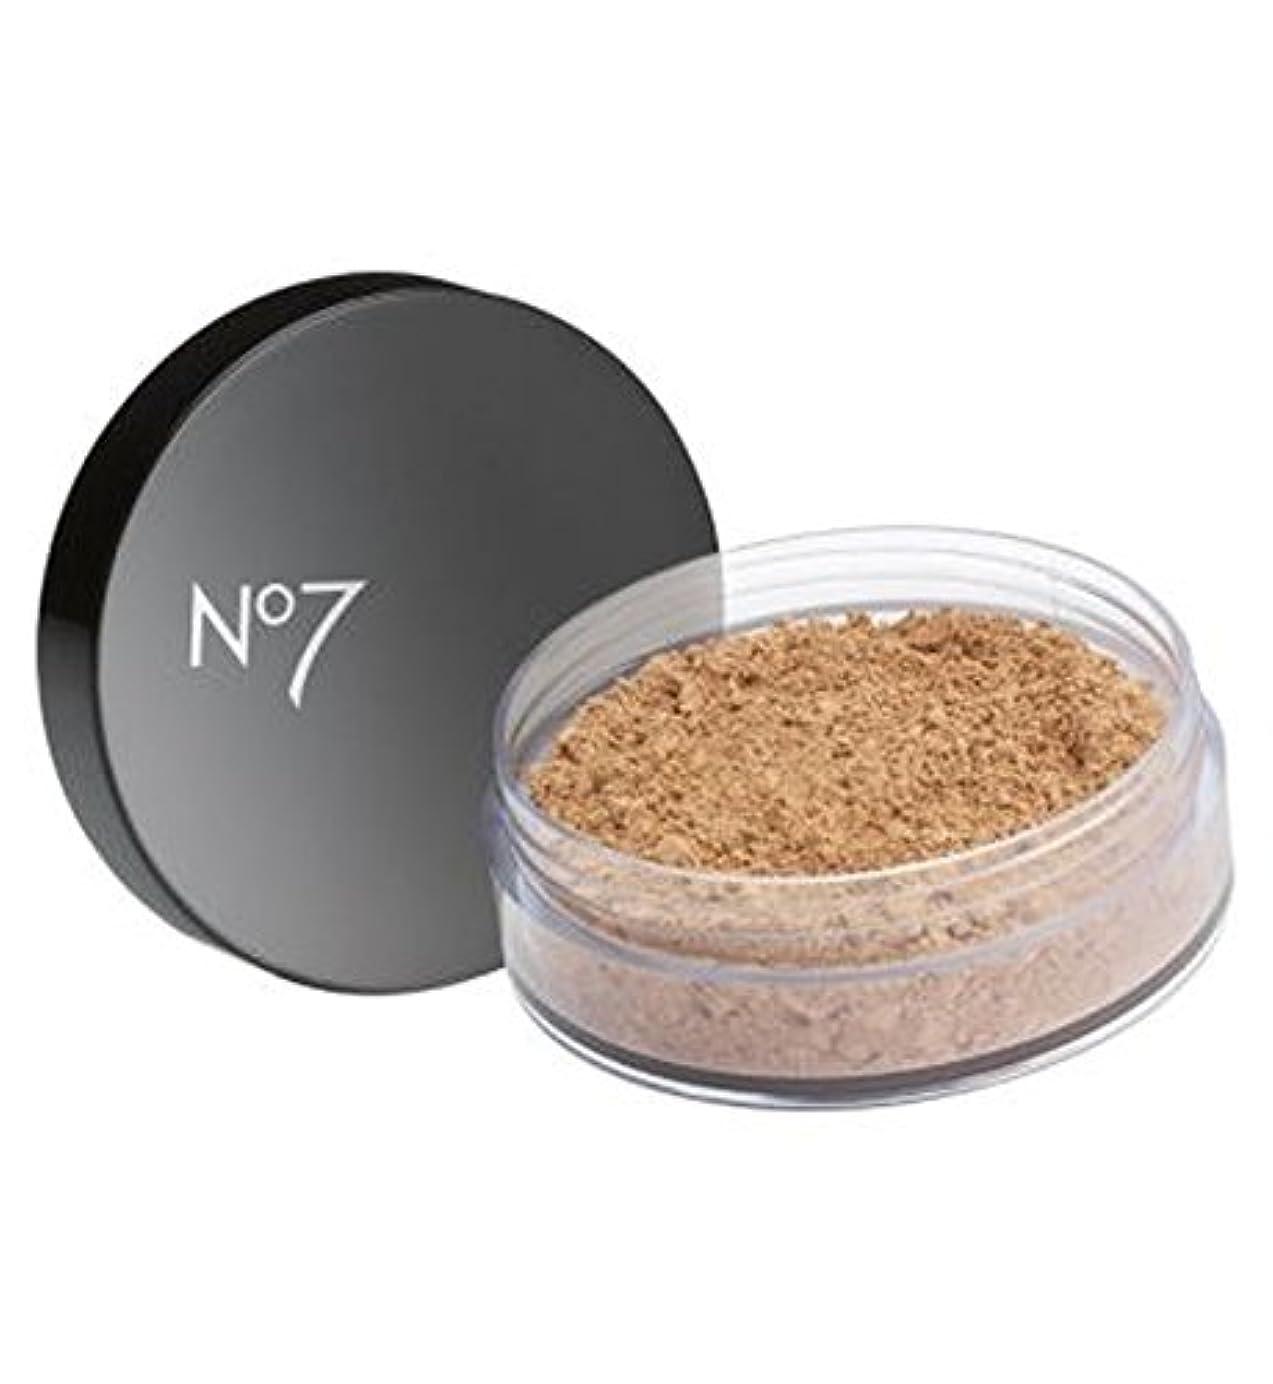 直面する泥棒ピーブNo7 Mineral Perfection Powder Foundation - No7ミネラル完璧パウダーファンデーション (No7) [並行輸入品]